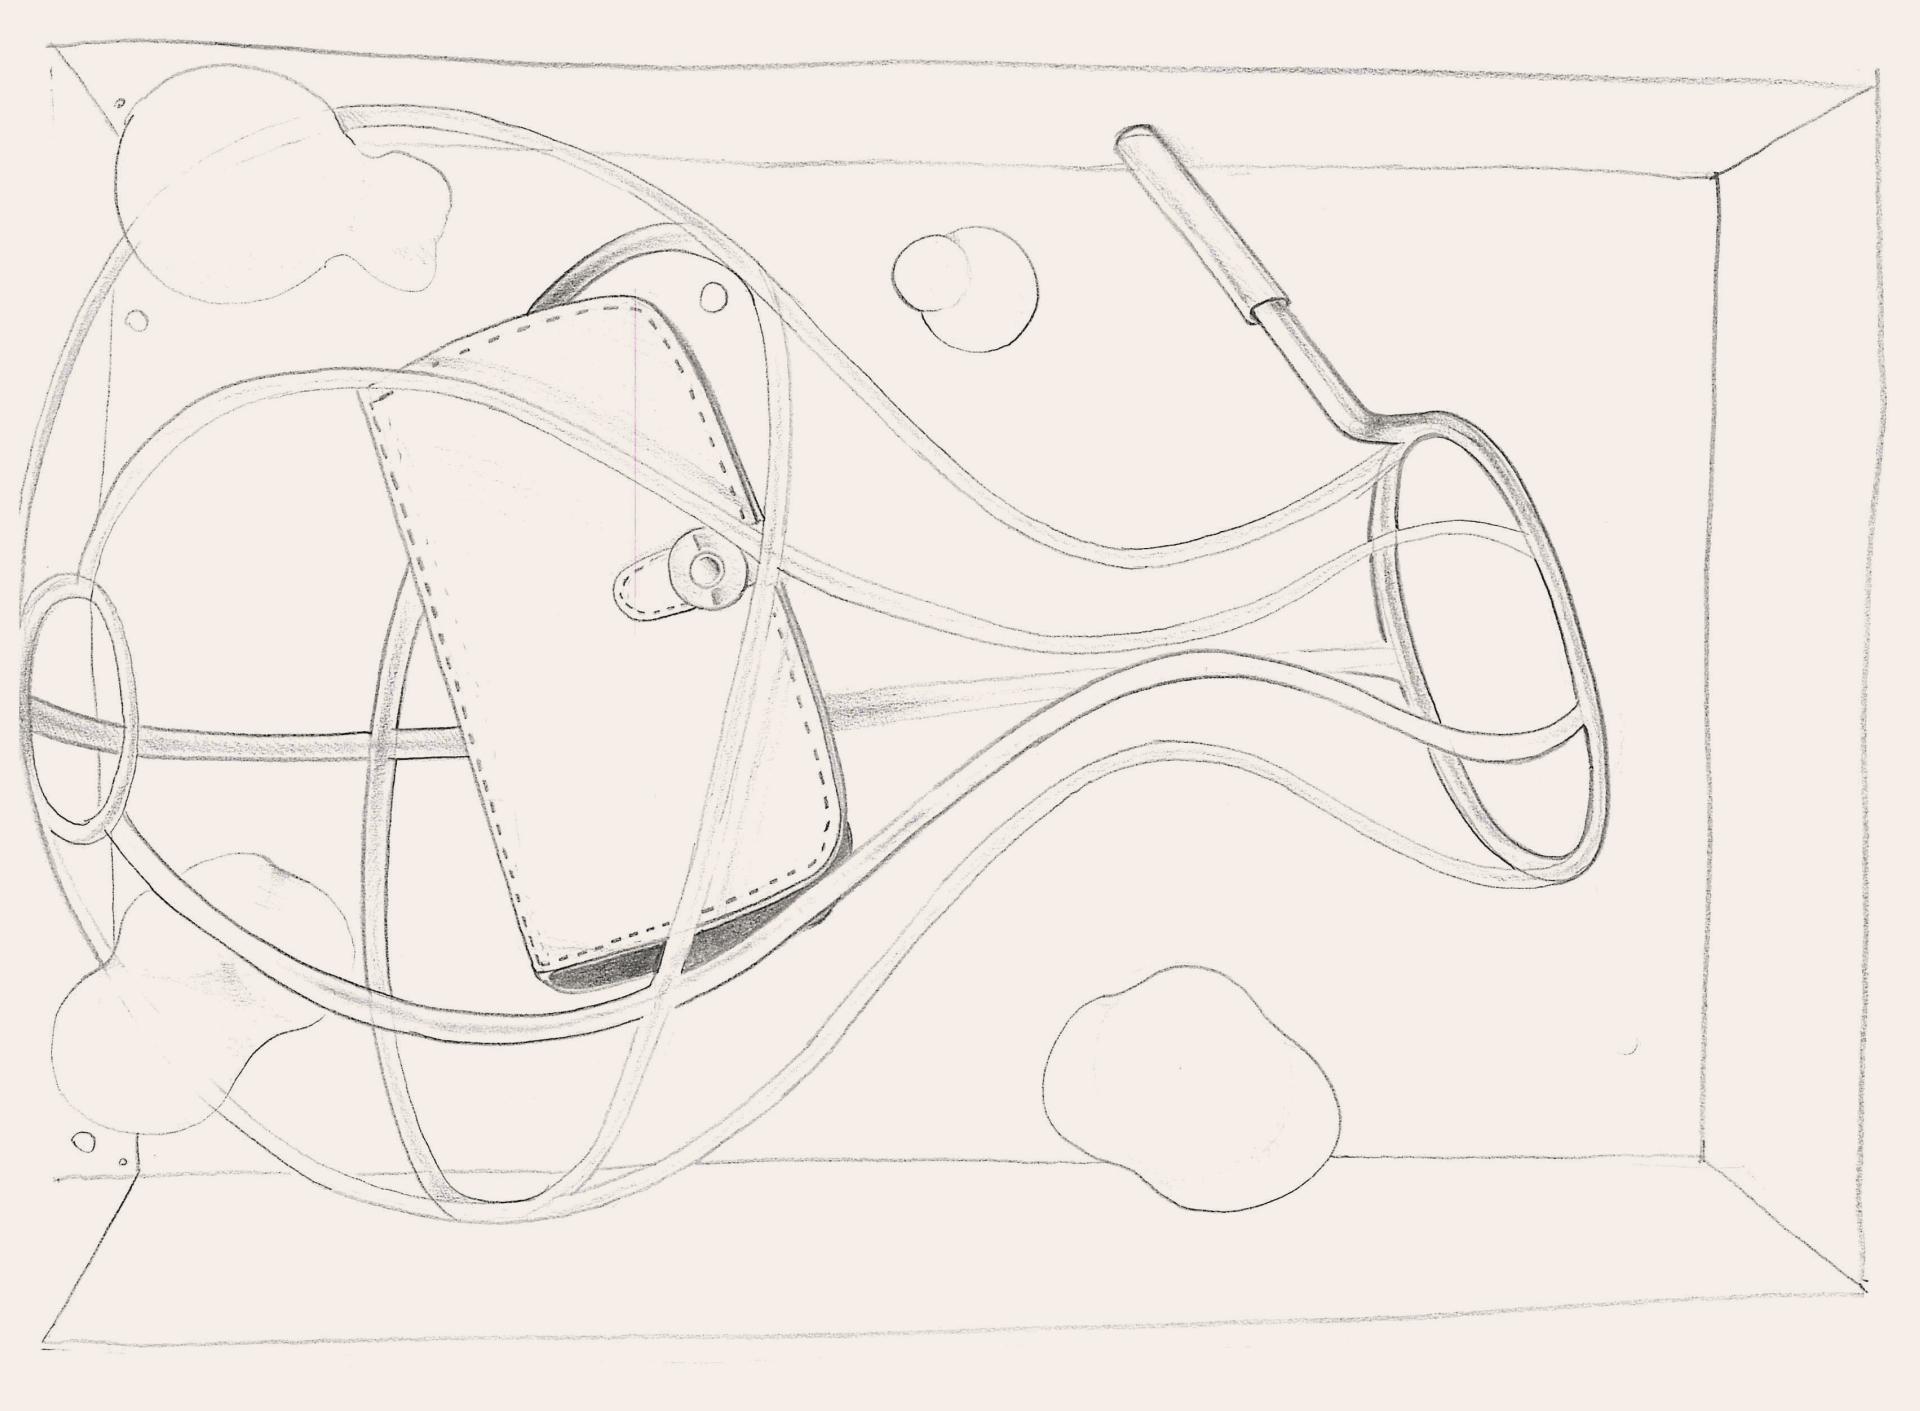 hermes-window-spring18-sketch-4